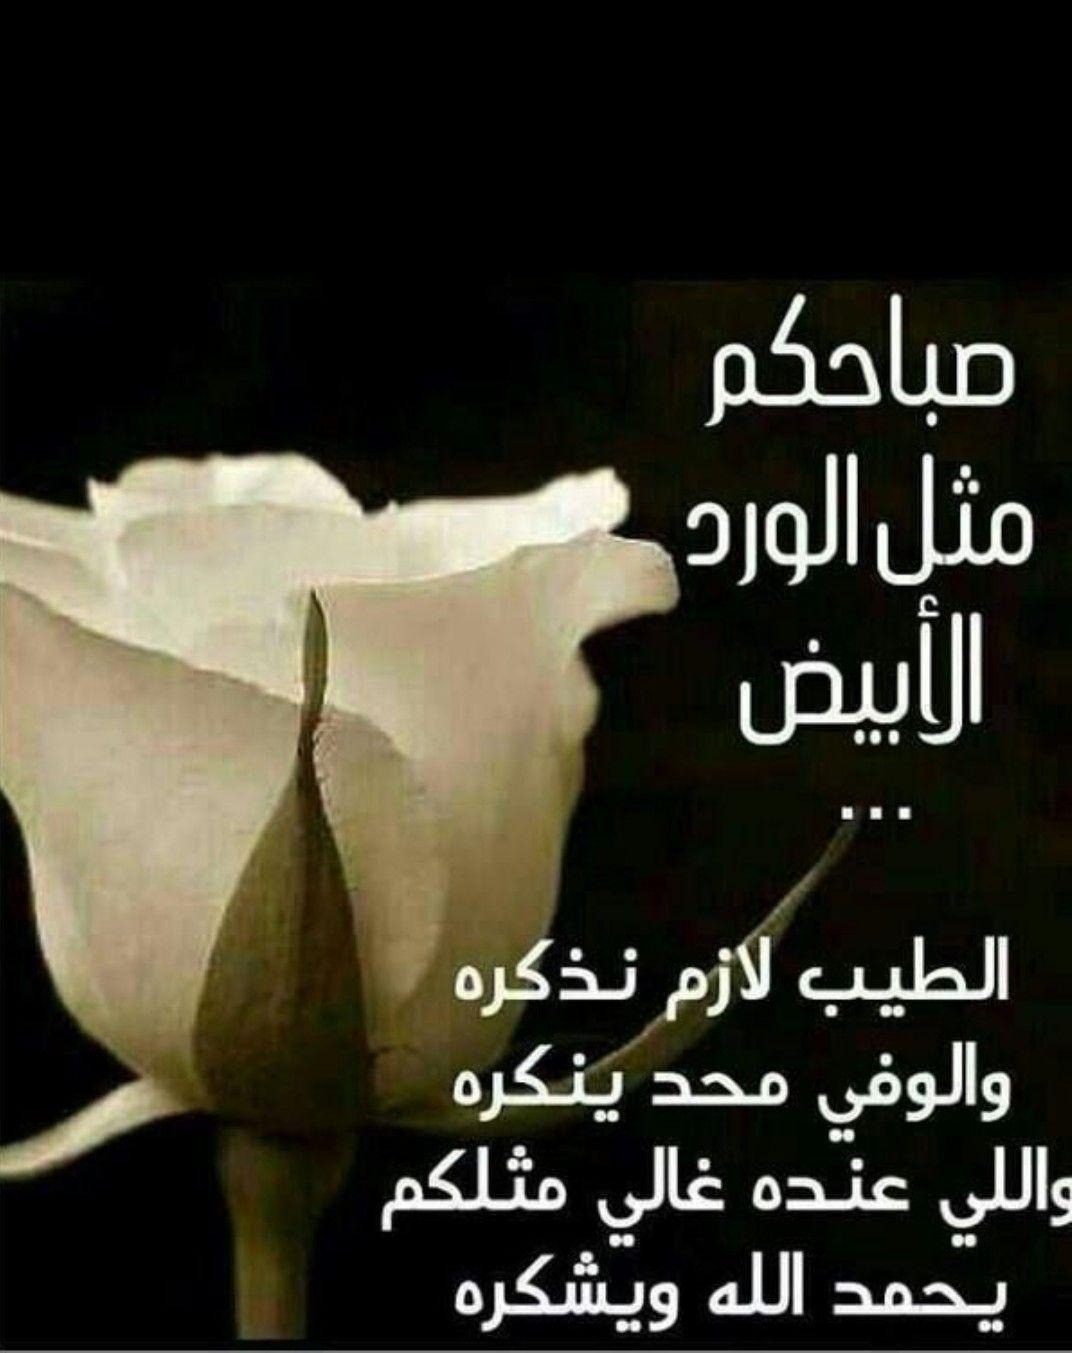 صورة شعر في صباح الخير , اجمل ابيات الشعر في صباح الخير